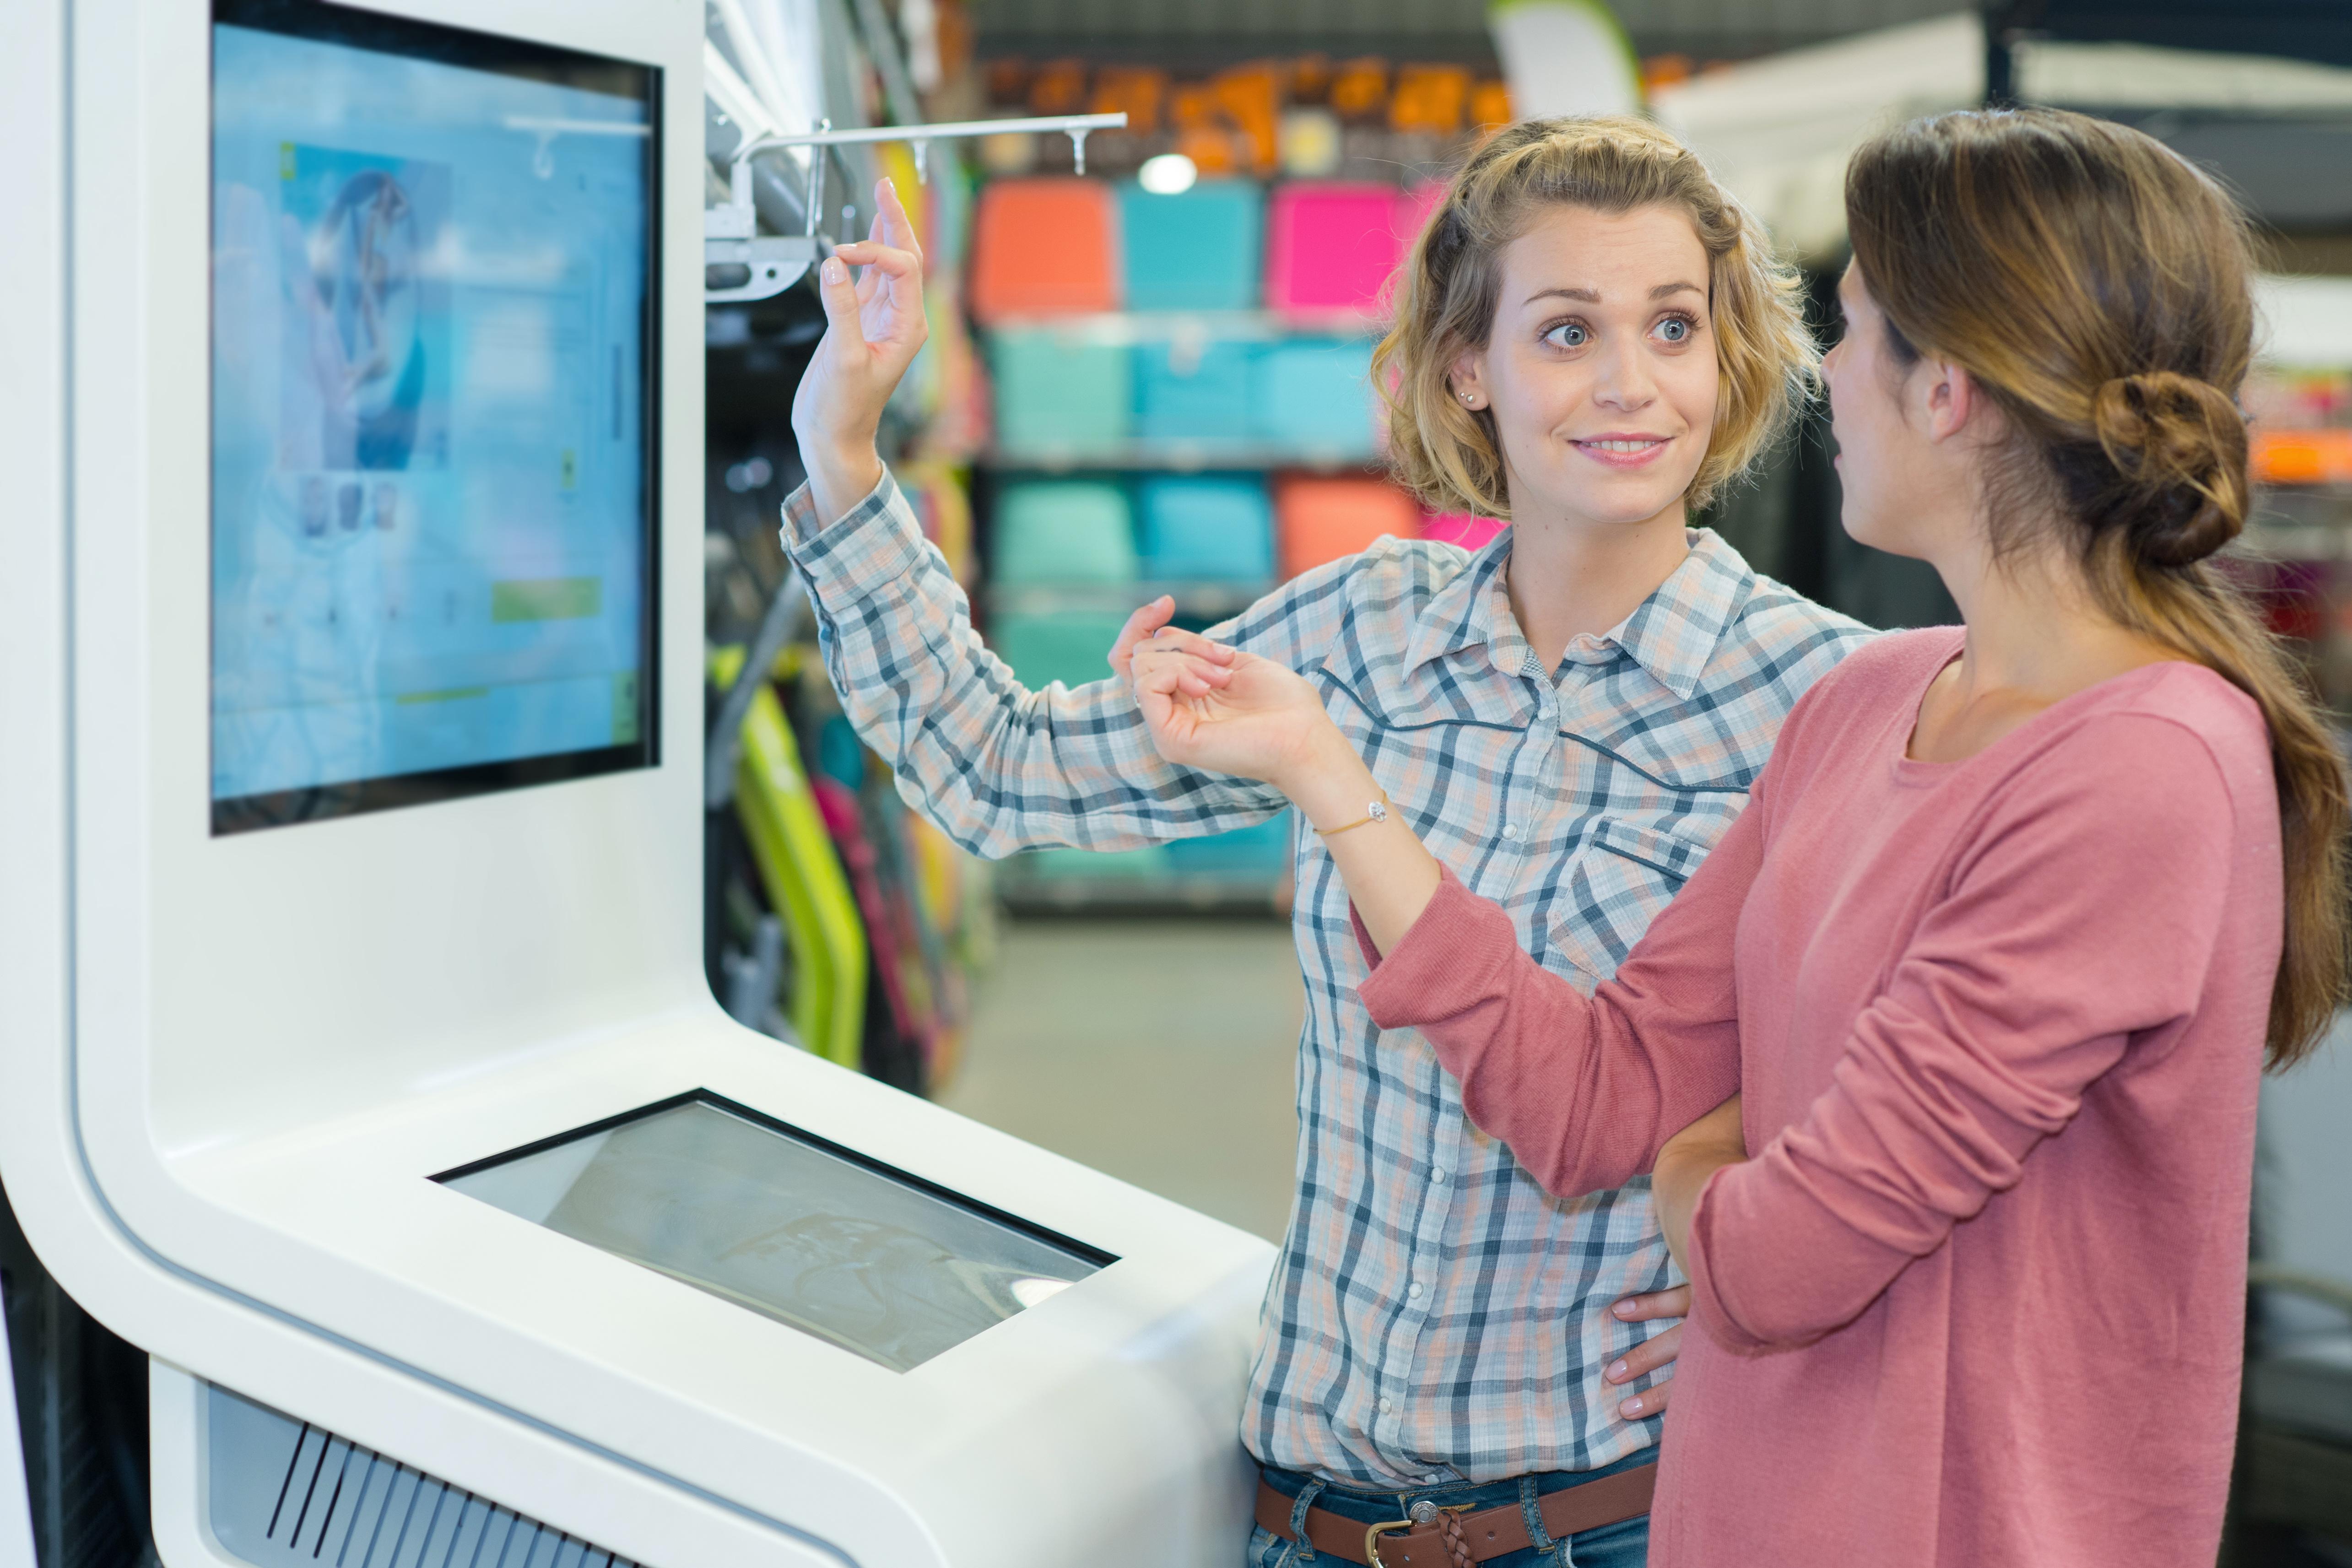 Smart shop displays - Hoe data helpt met het aangaan van uitdagingen van retail